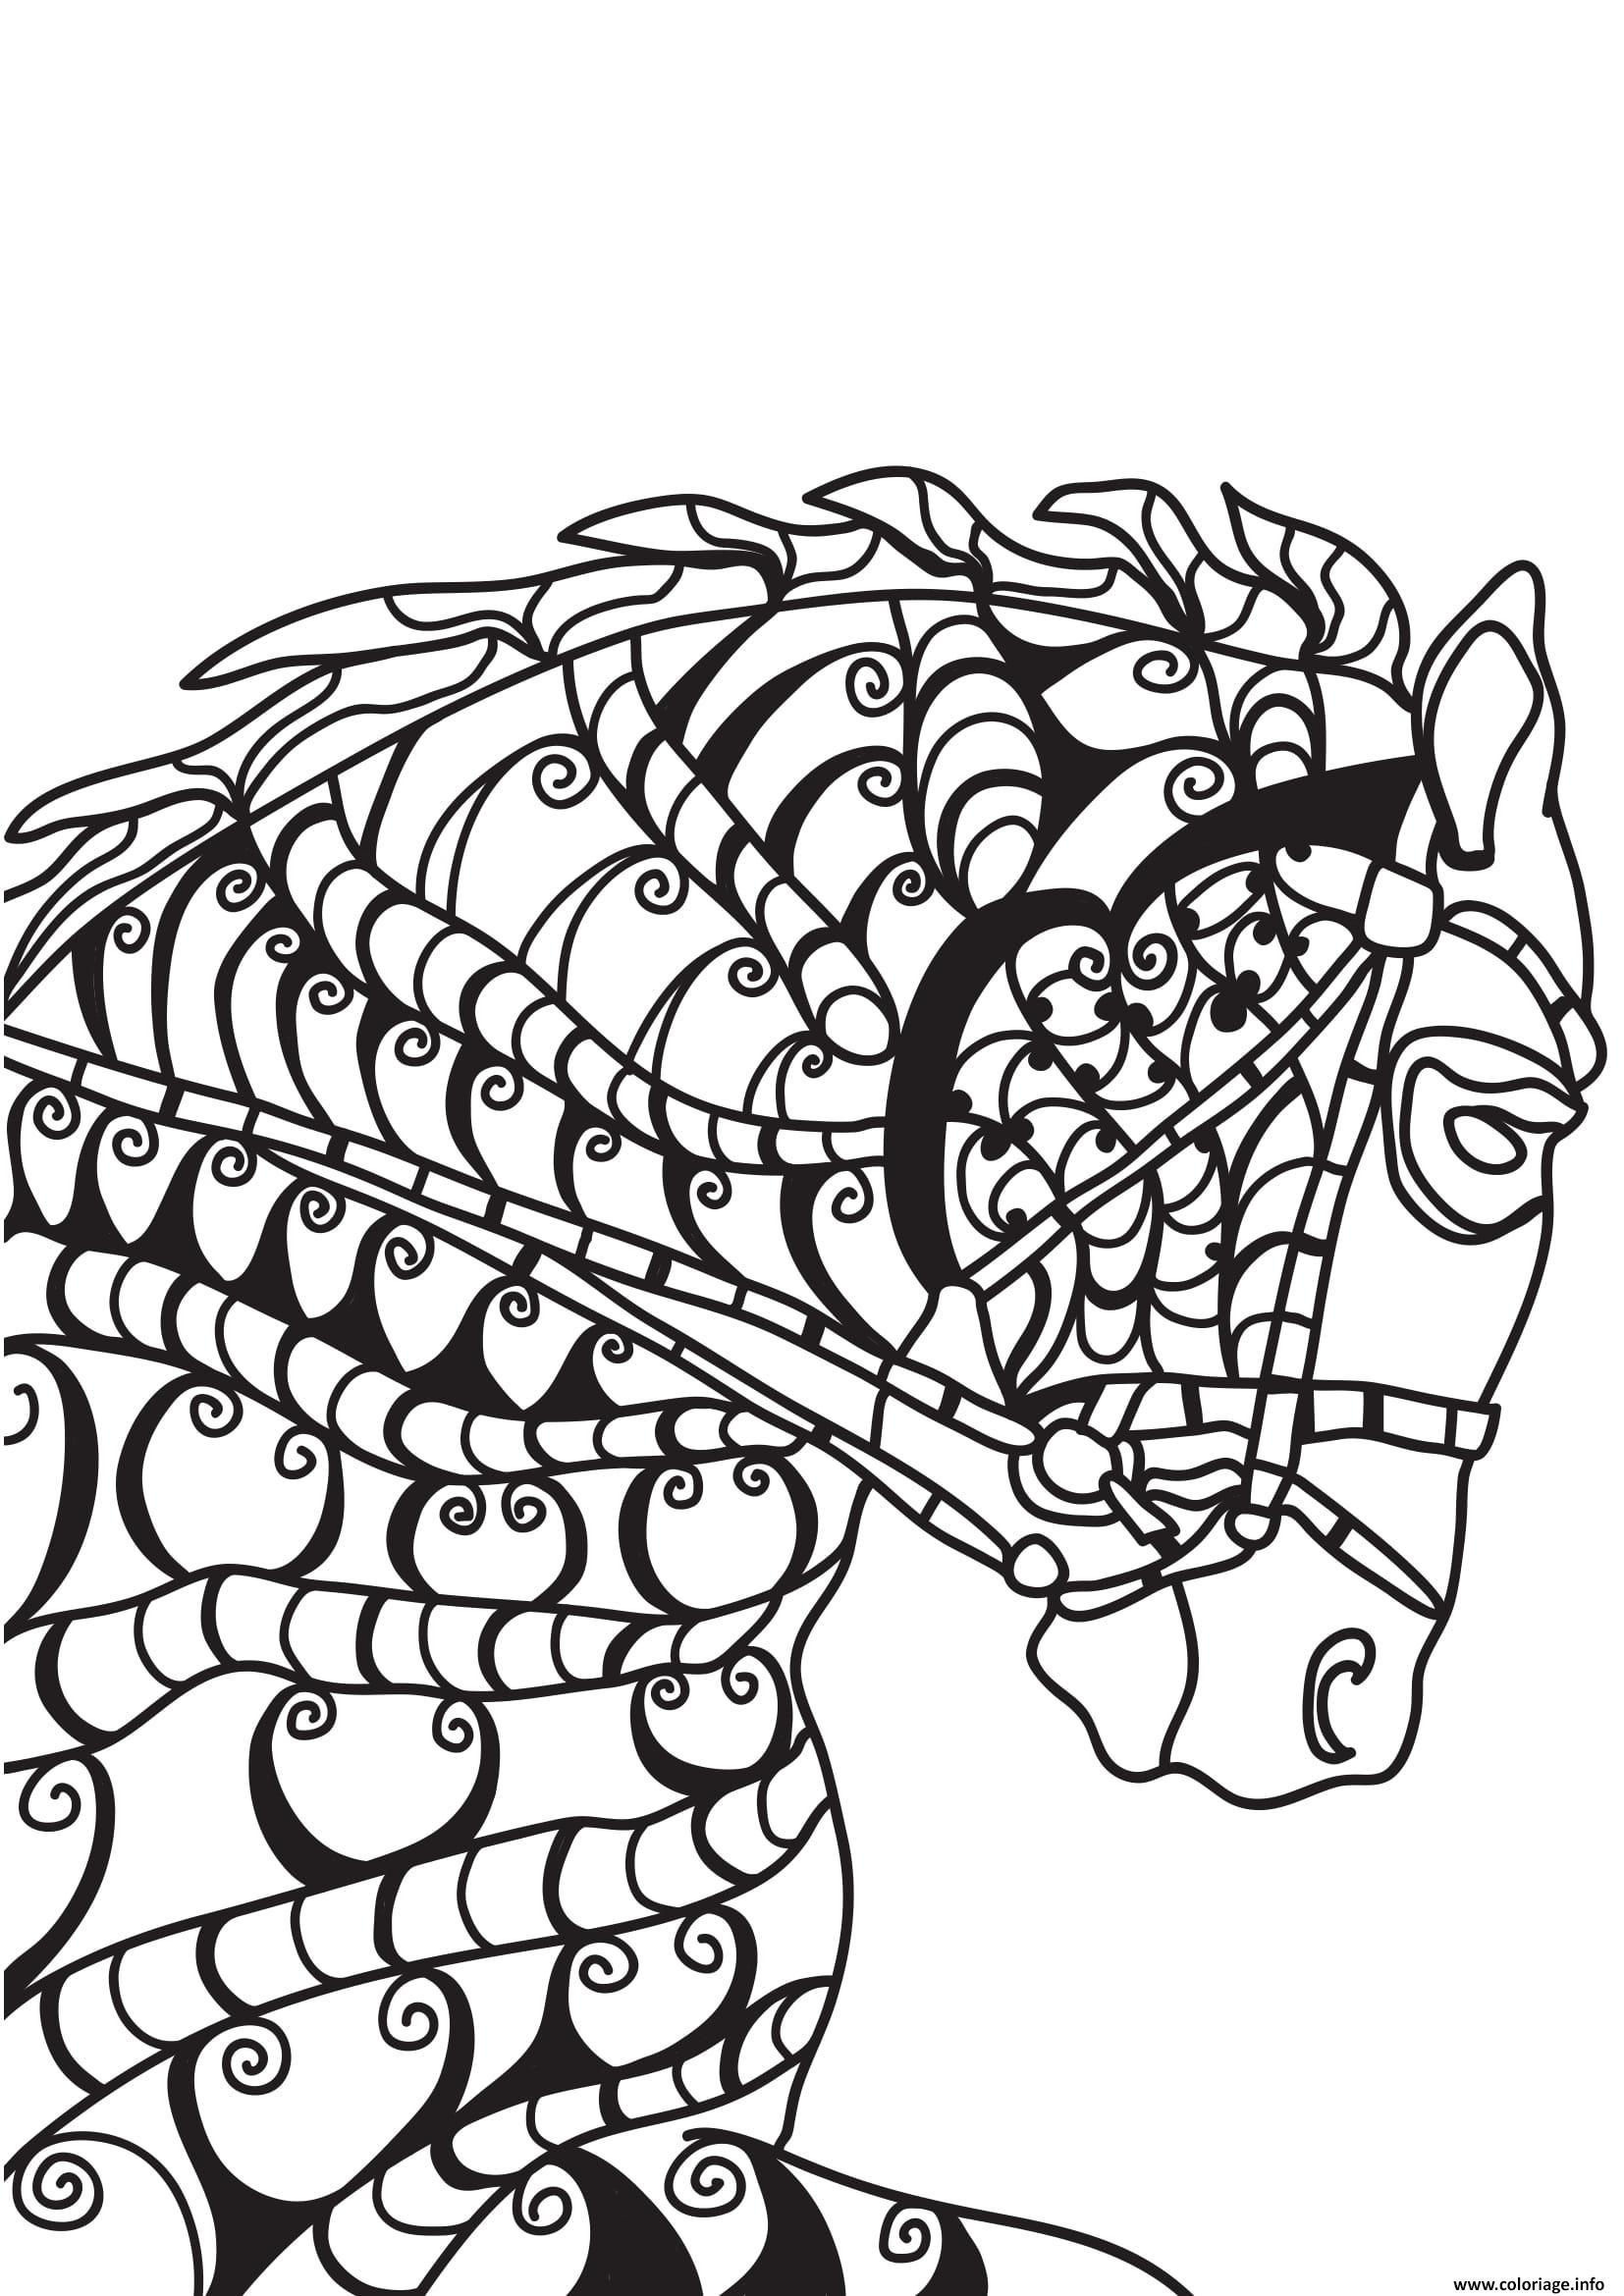 Dessin adulte cheval tete de front Coloriage Gratuit à Imprimer